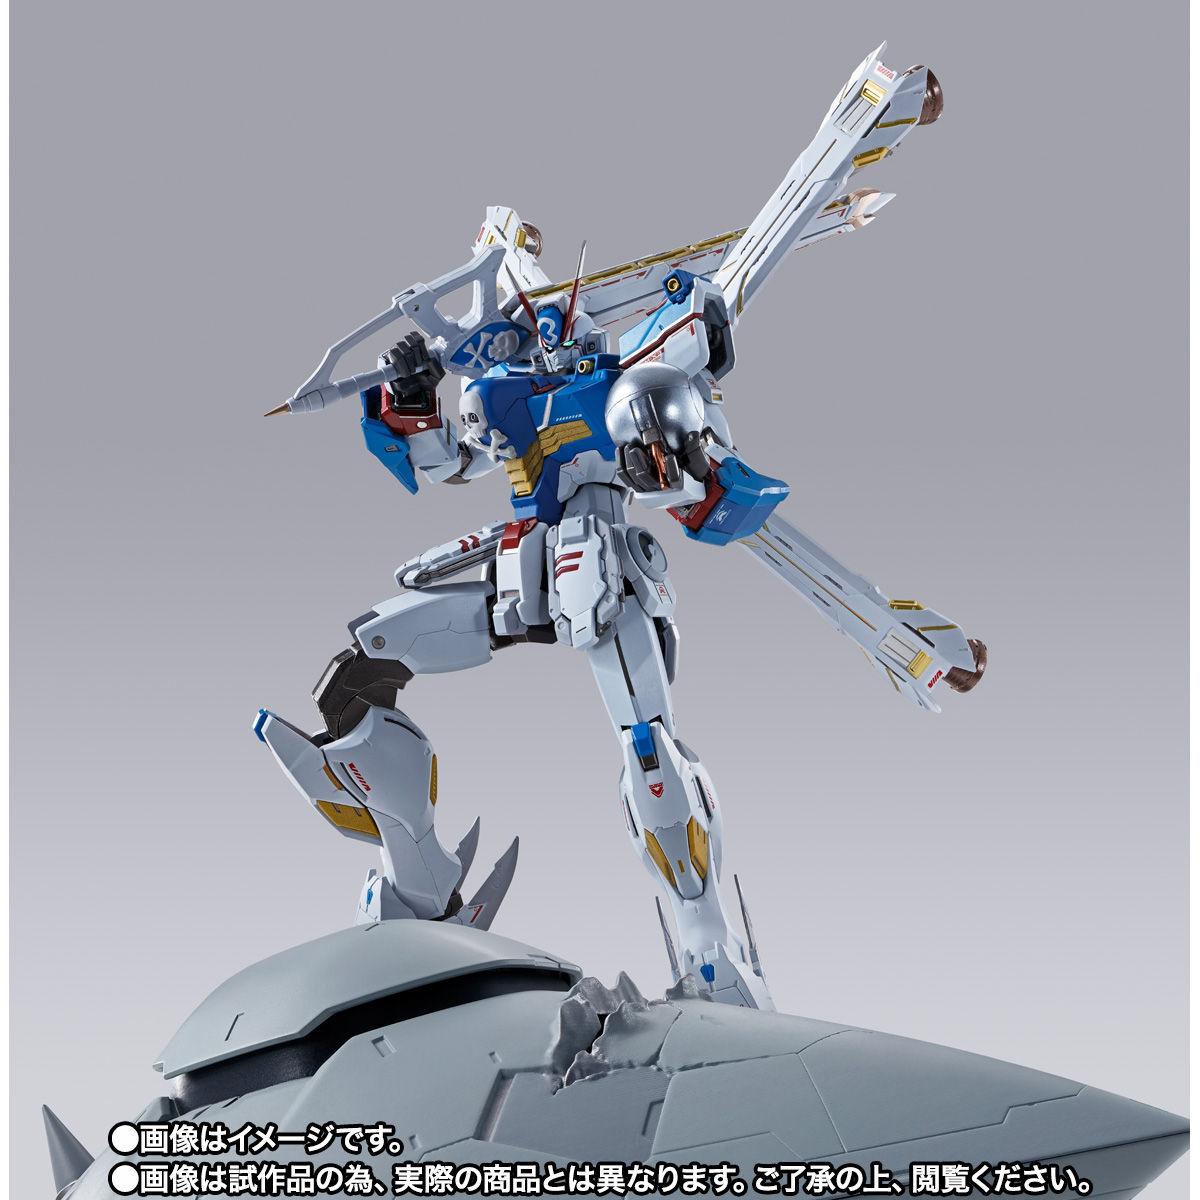 【限定販売】METAL BUILD『クロスボーン・ガンダムX3』機動戦士クロスボーン・ガンダム 可動フィギュア-009